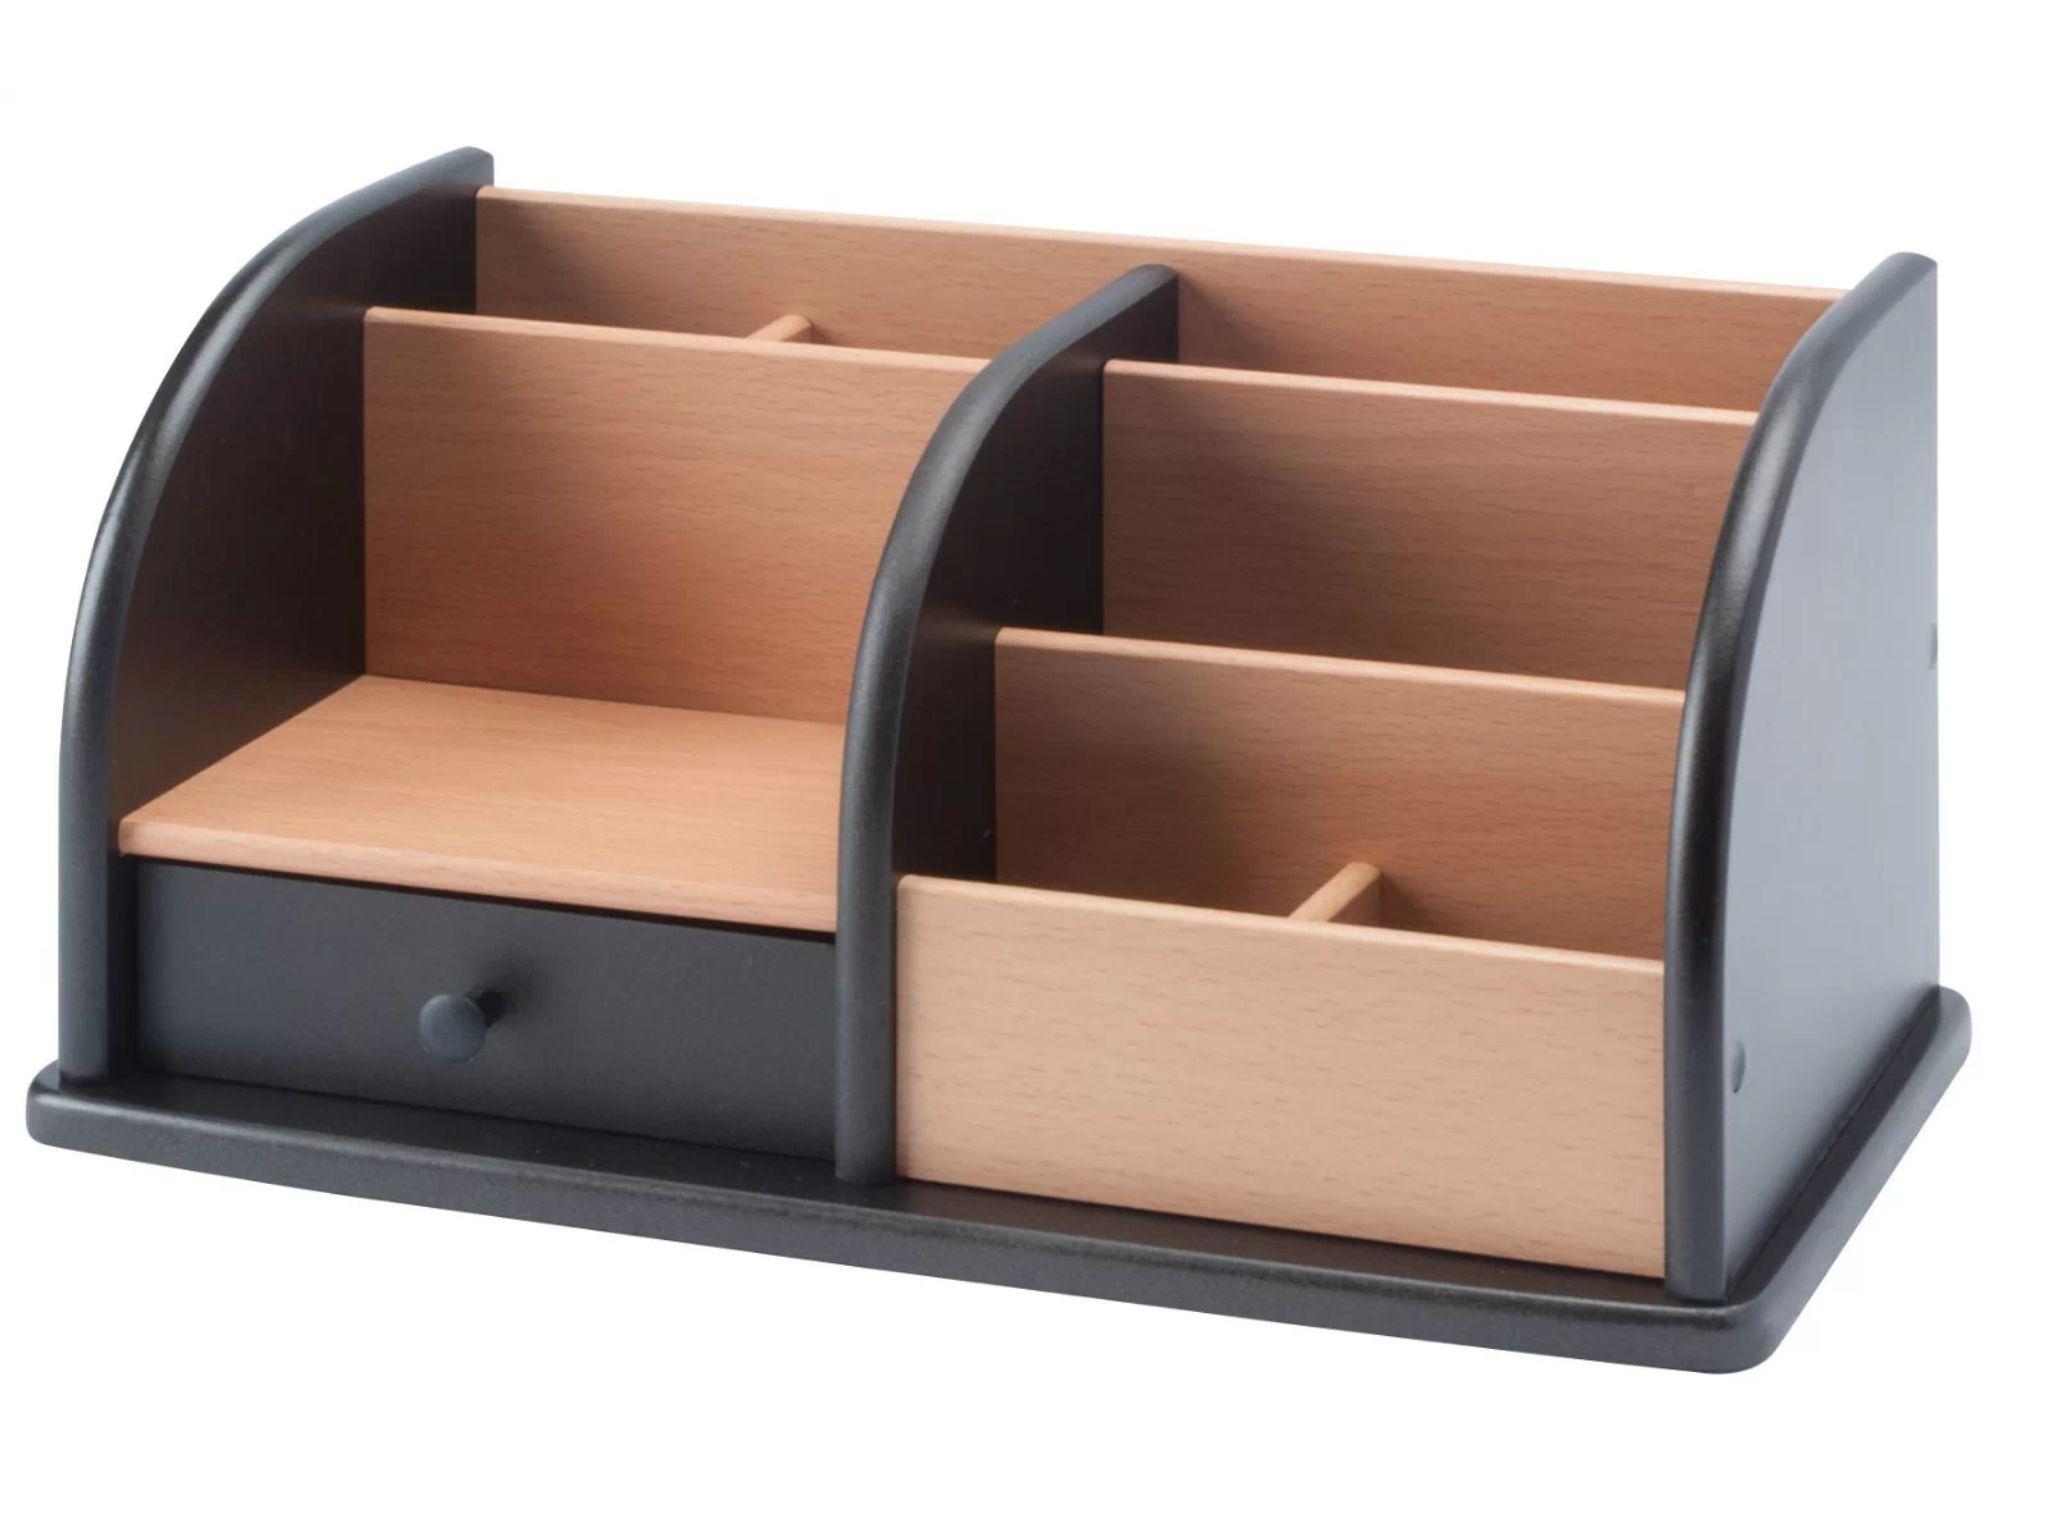 Osco Wooden Desk Organiser Black And Beech Staionary Pen Storage Holder Muebles De Exterior De Paleta Accesorios De Escritorio Pequenos Proyectos De Madera